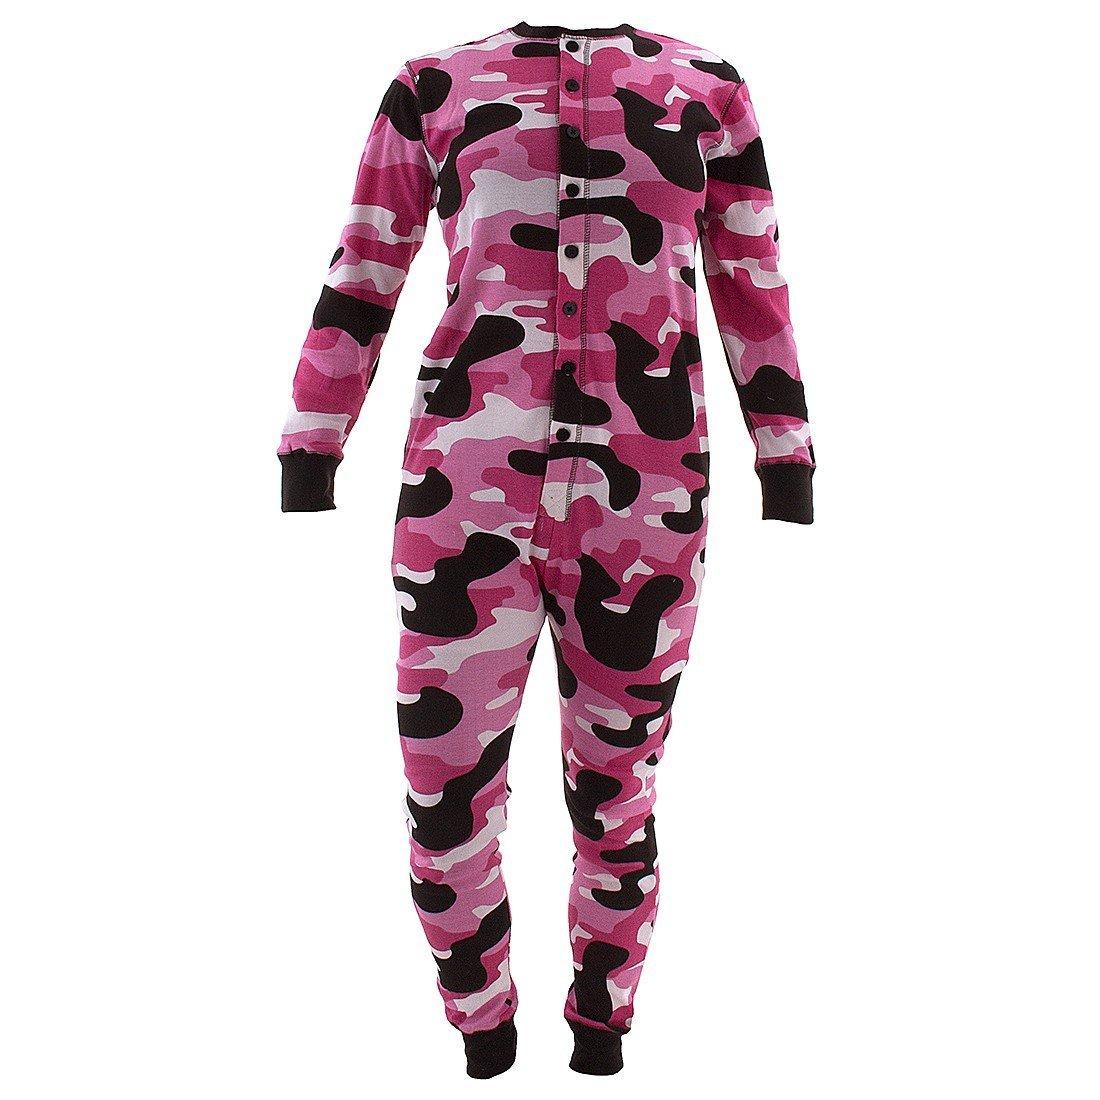 Deeriaire Pink Camo Adult Flapjacks